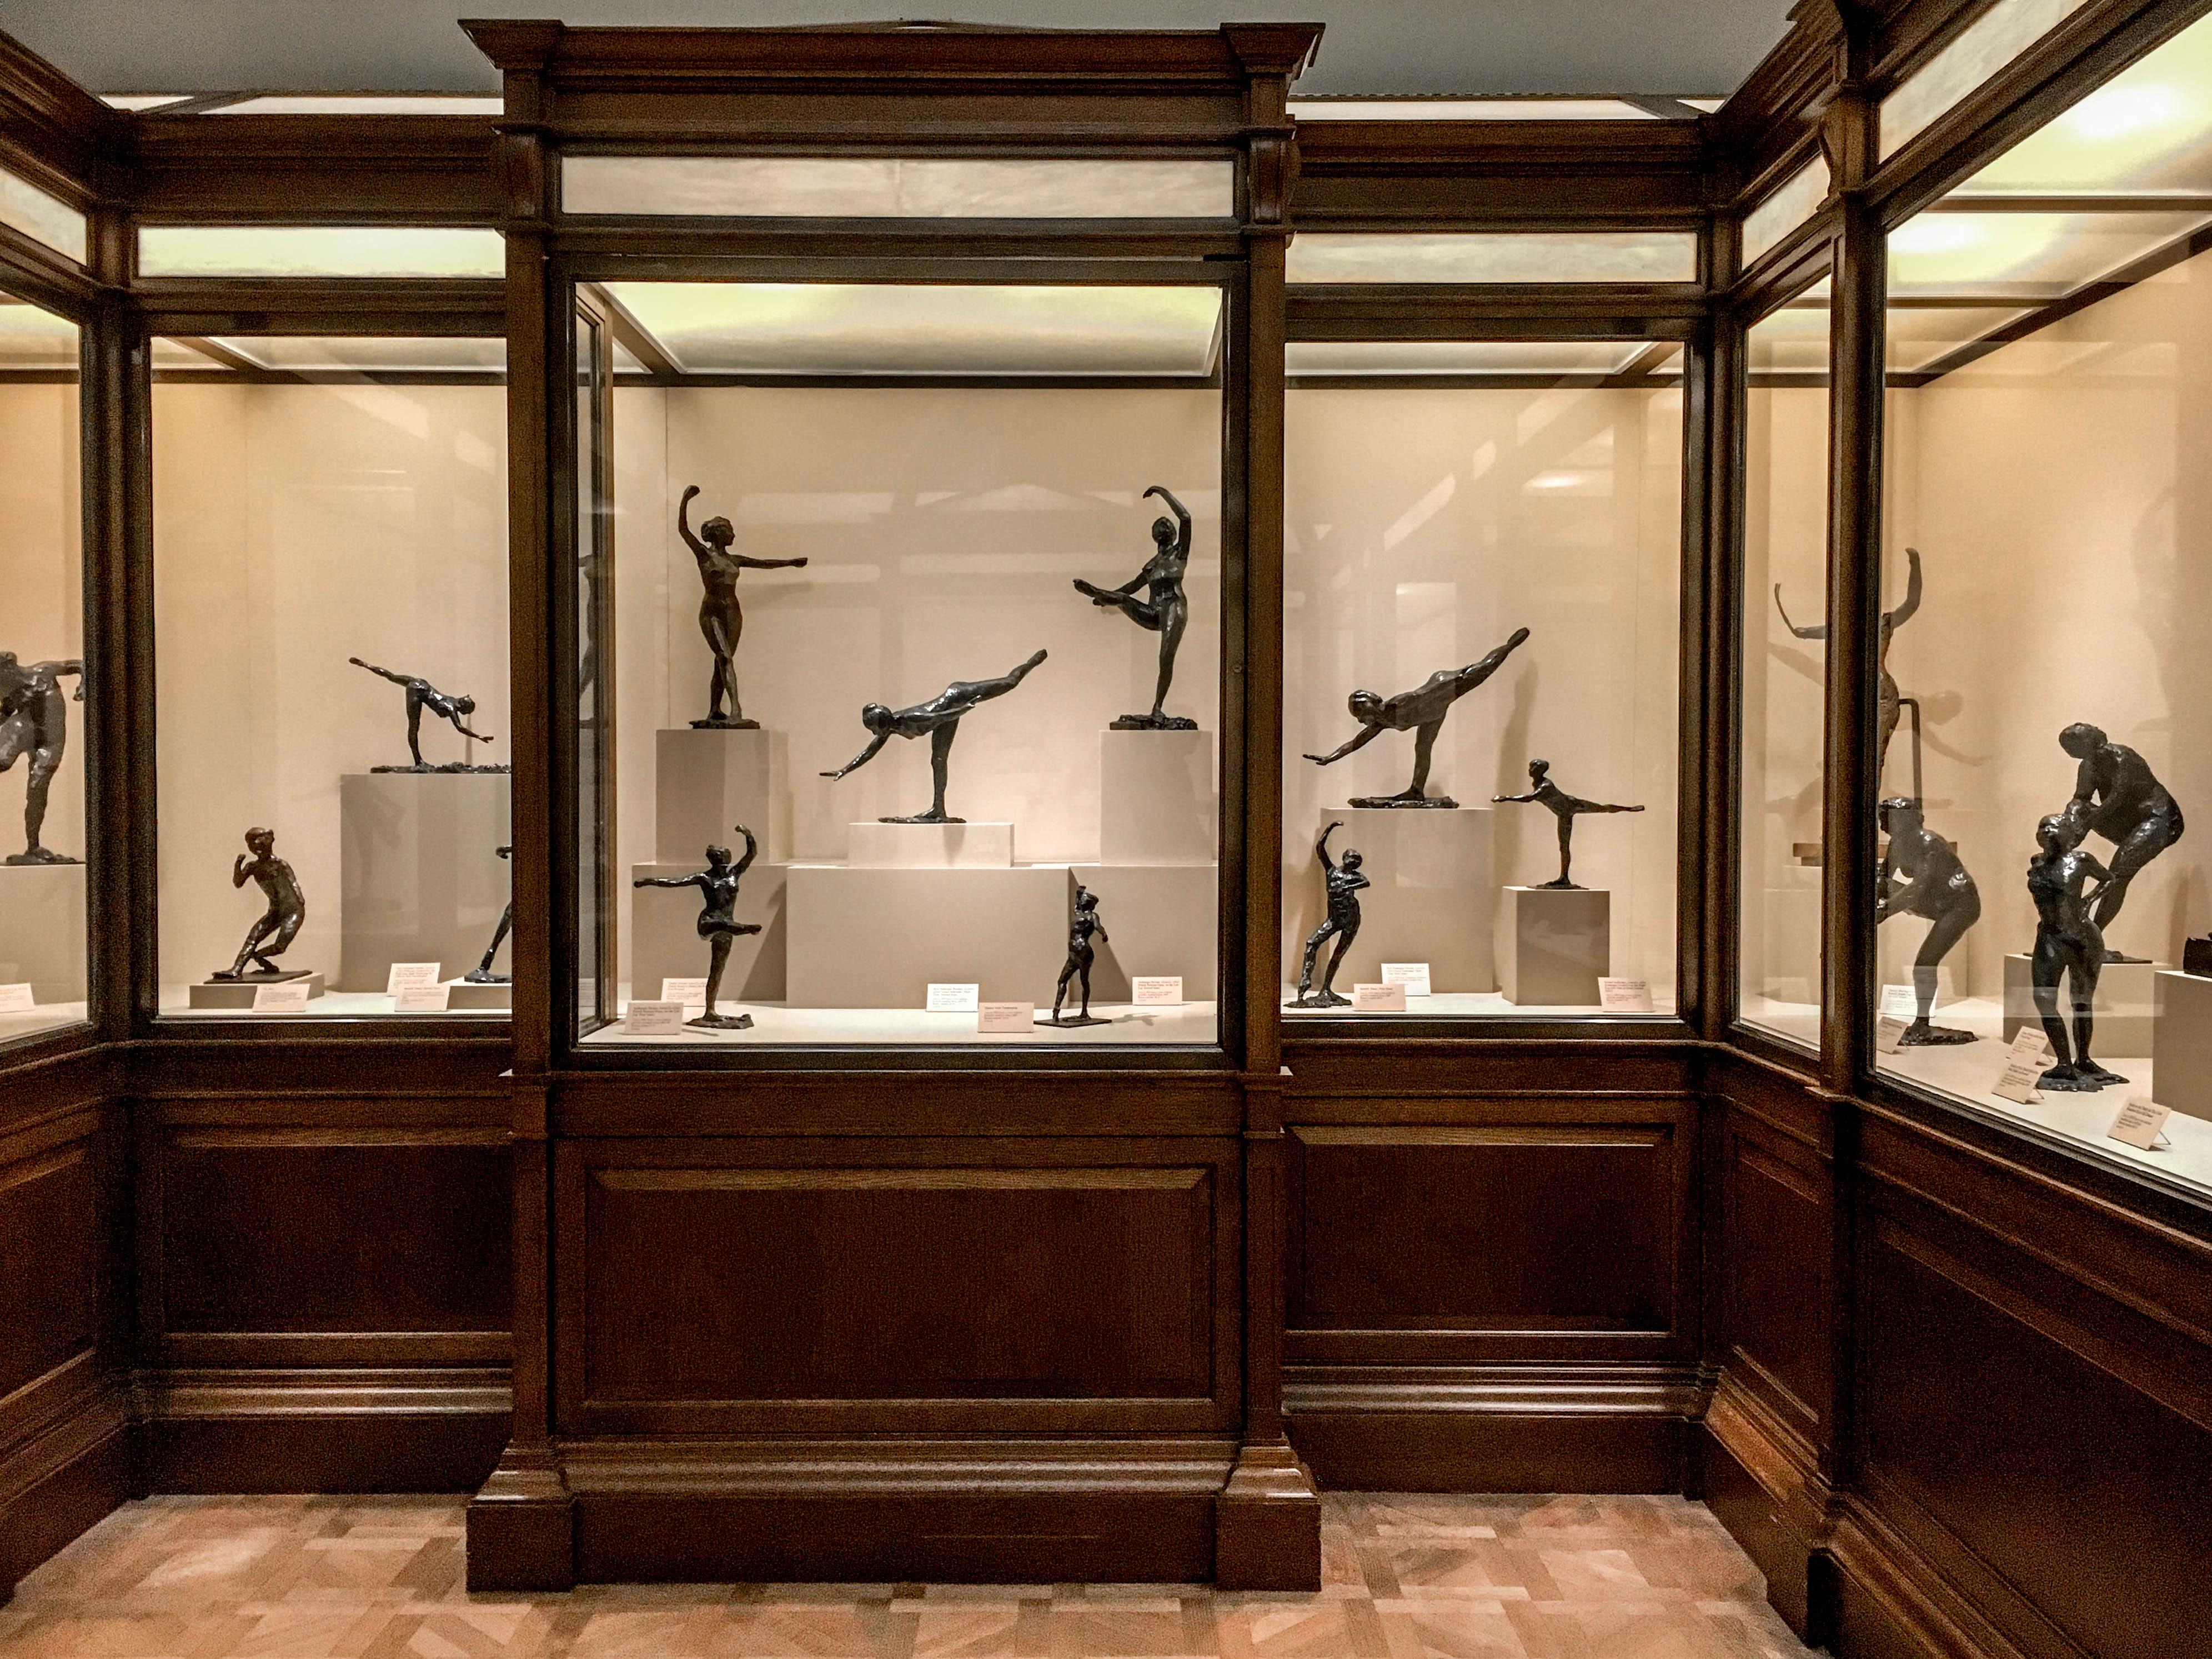 Metropolitan Museum of Art, Degas